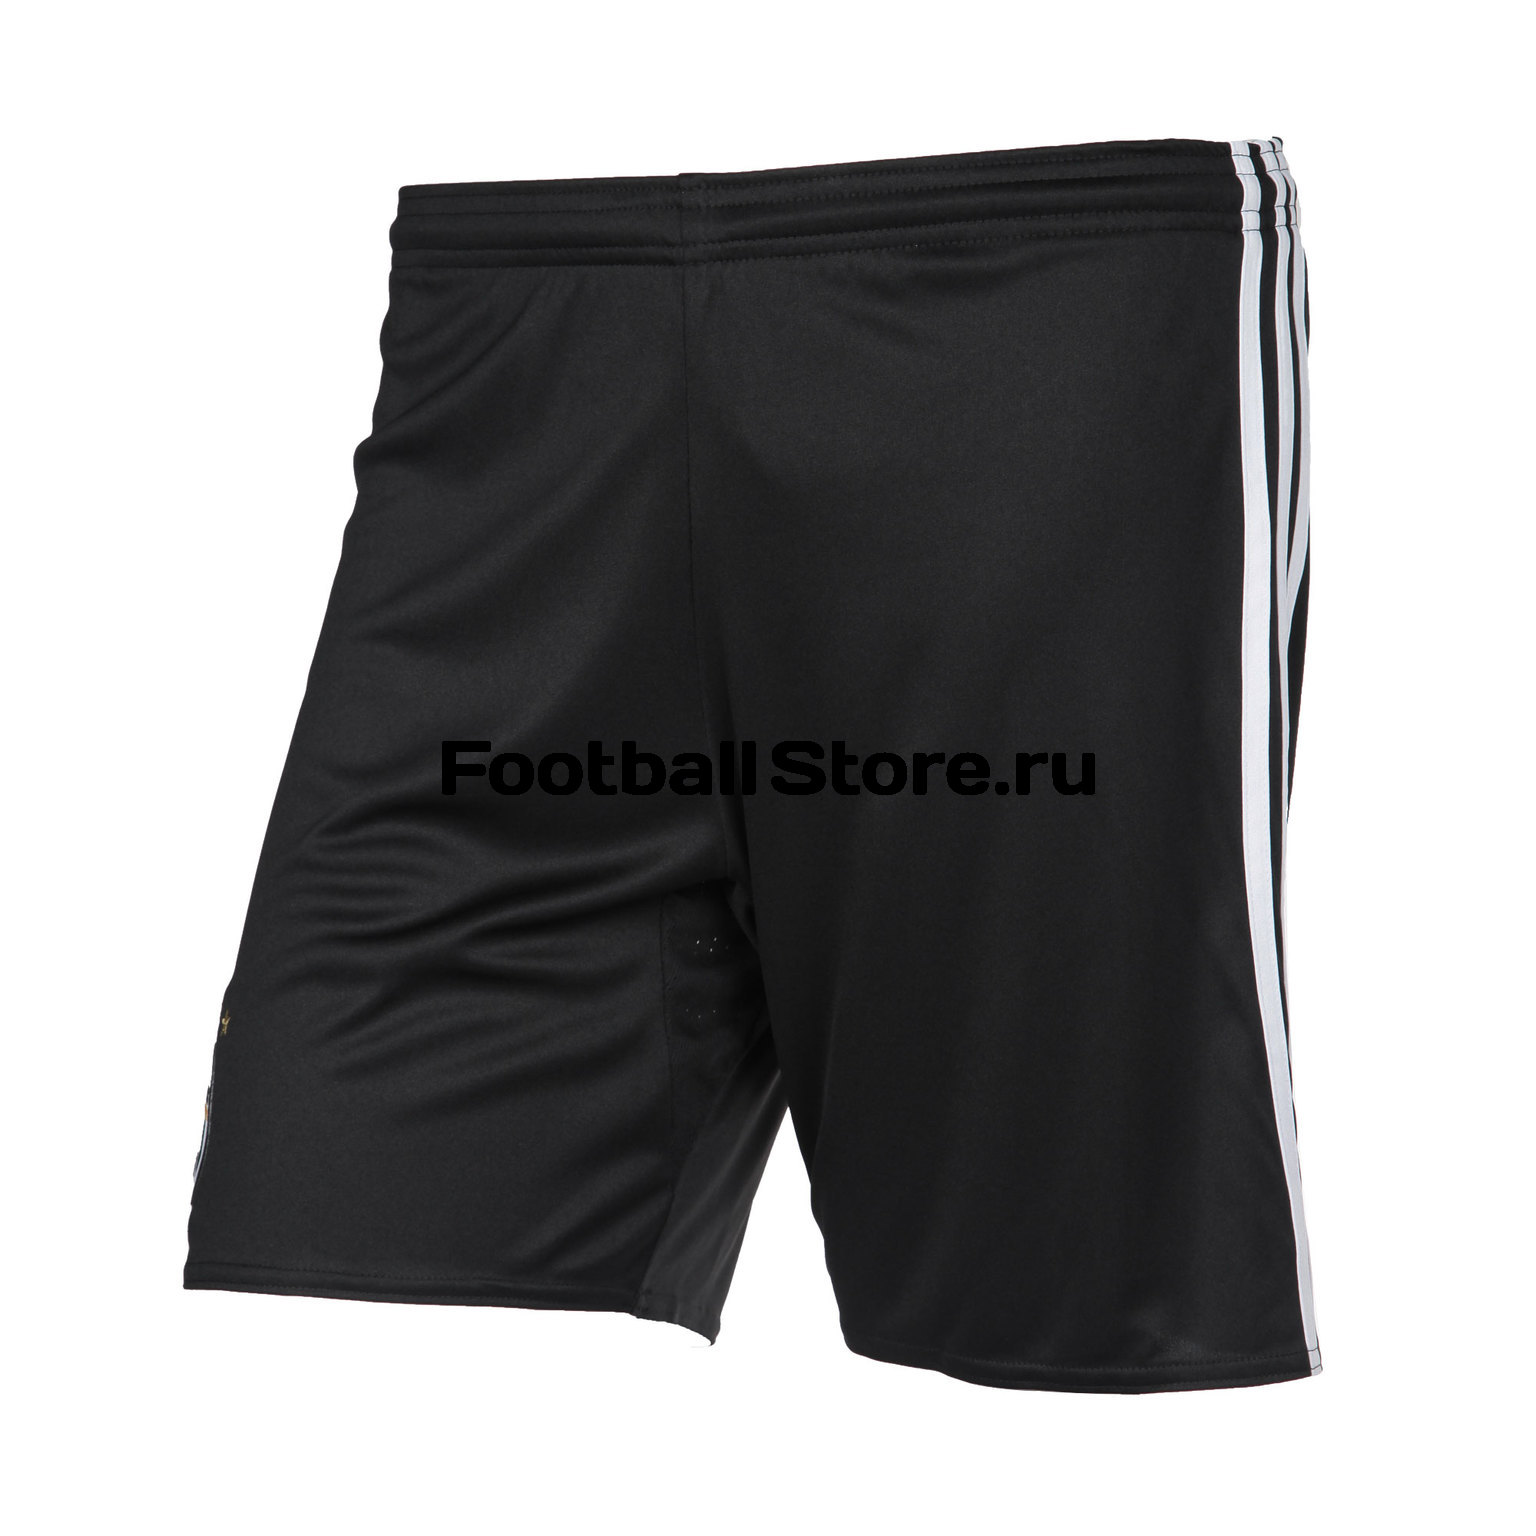 Шорты домашние игровые Adidas Juventus 2016/17 comazo шорты домашние